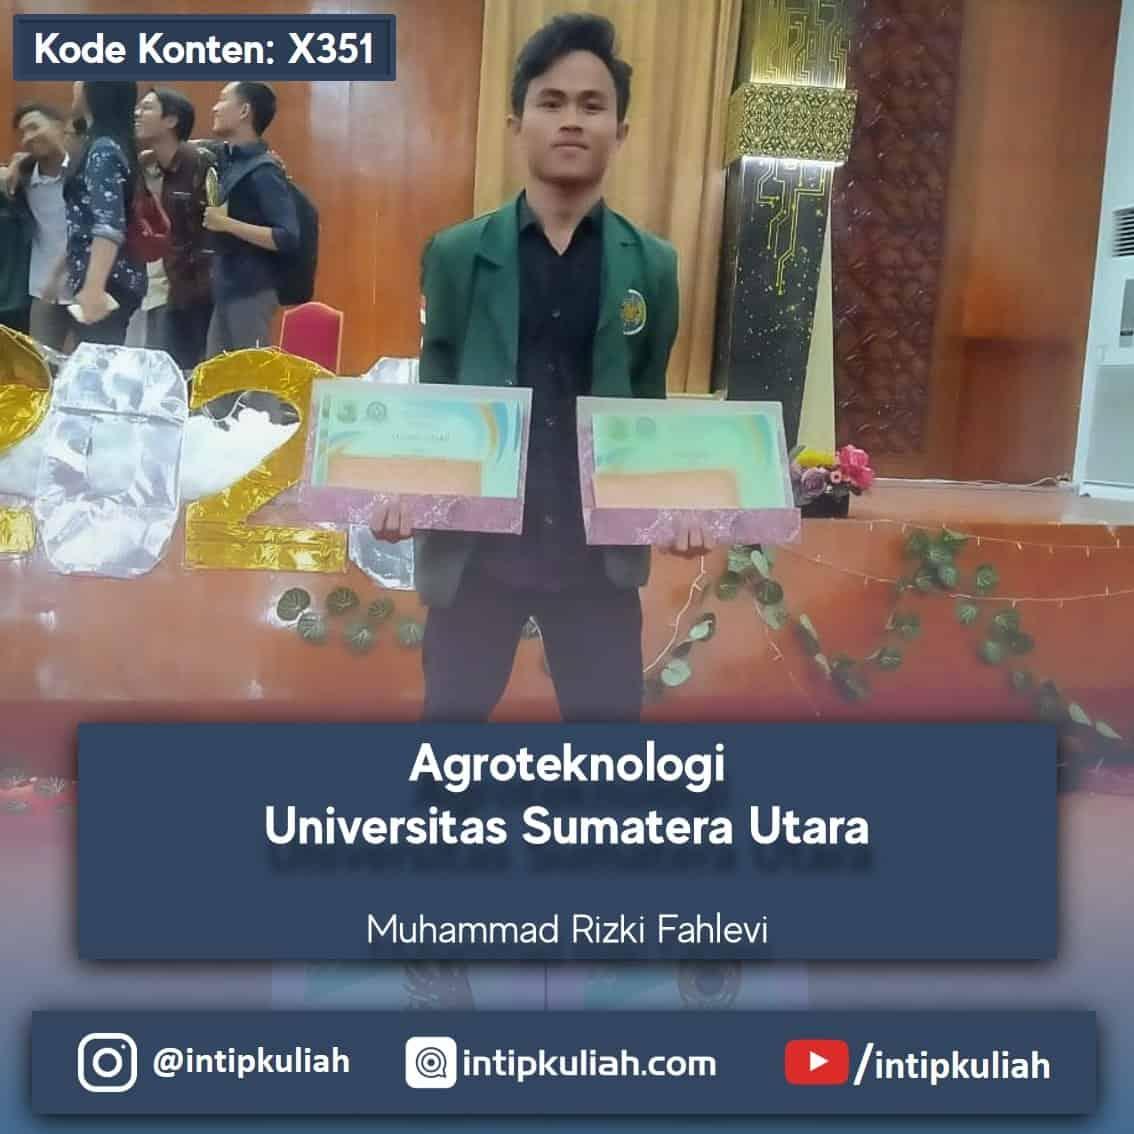 Ada berapa fakultas di usu? Agroteknologi Universitas Sumatera Utara Fahlevi Intip Kuliah